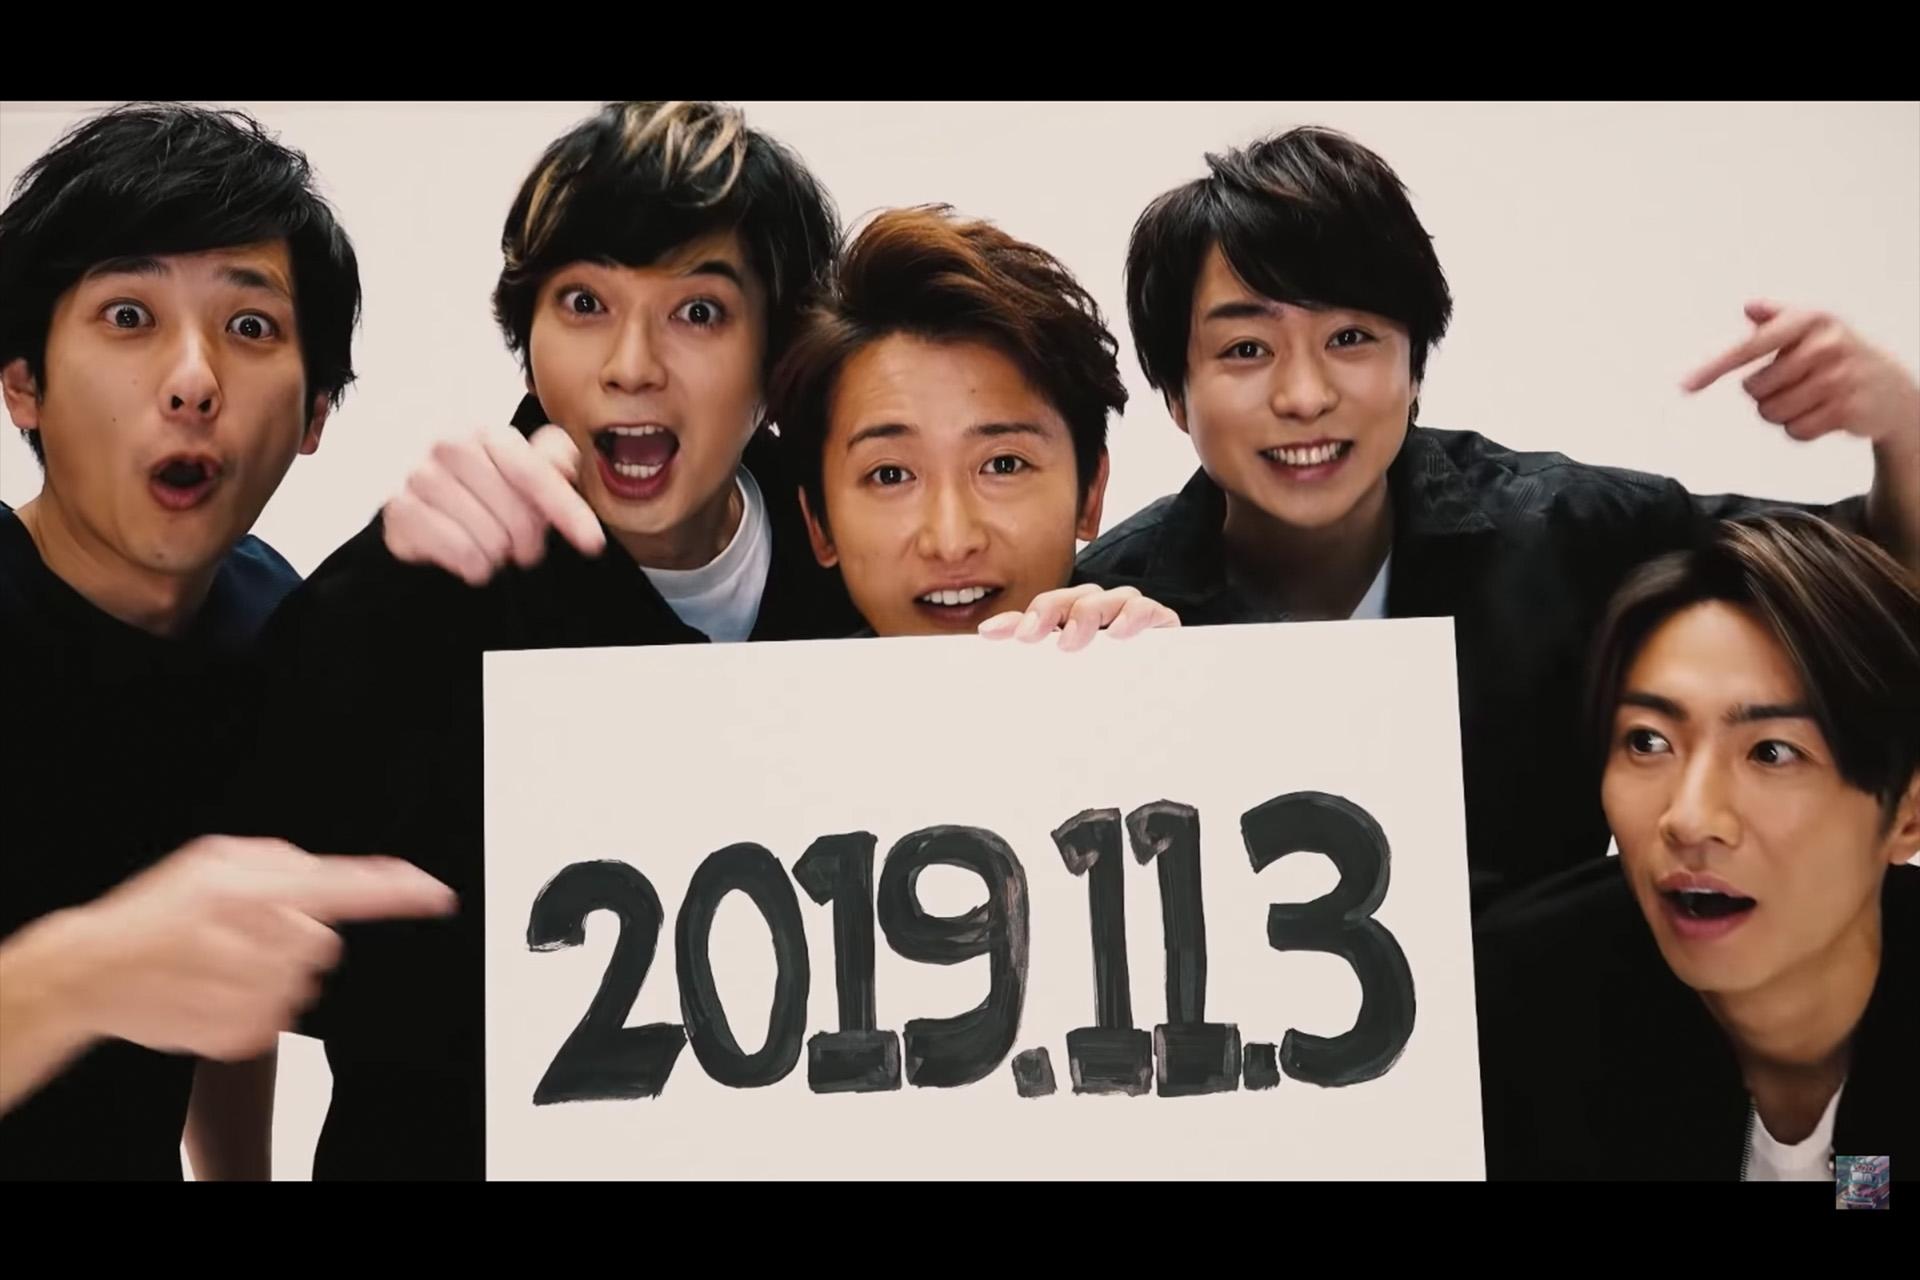 嵐、公式YouTubeチャンネル「ARASHI」でYouTubeライブ配信決定を発表! music191101_arashi_youtube_main